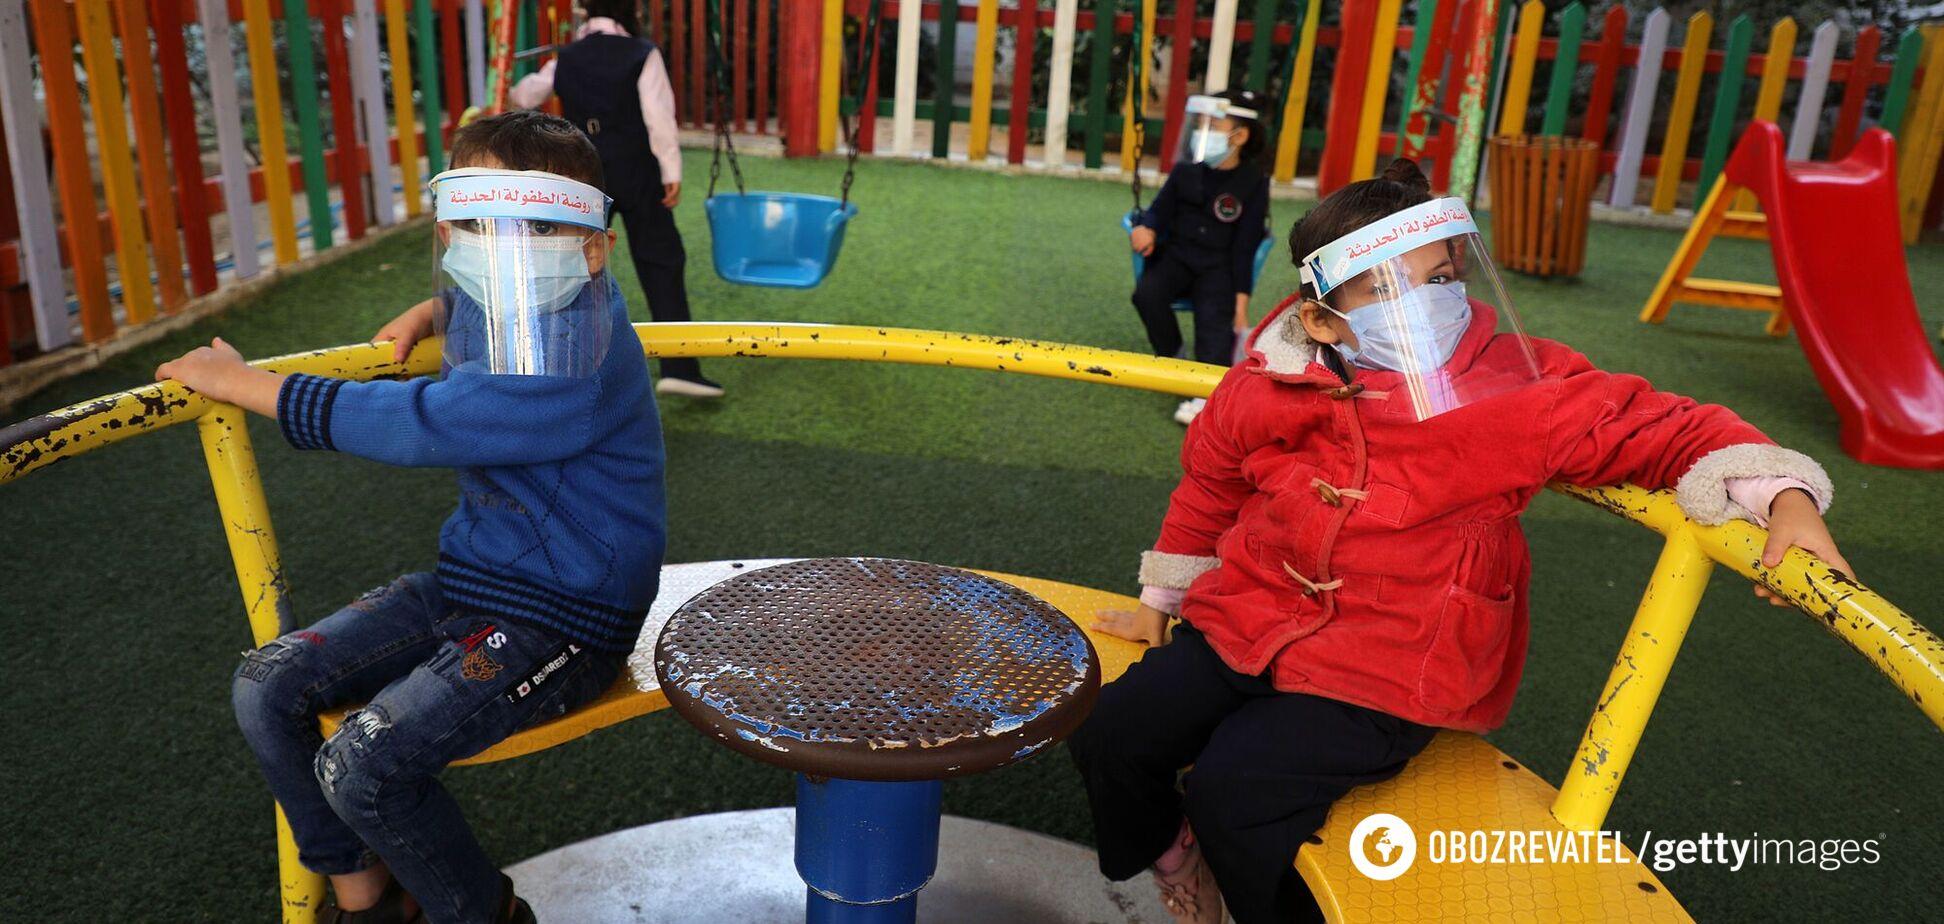 В ООН попередили про 'втрачене покоління' через COVID-19: дітей може чекати голод і смерть